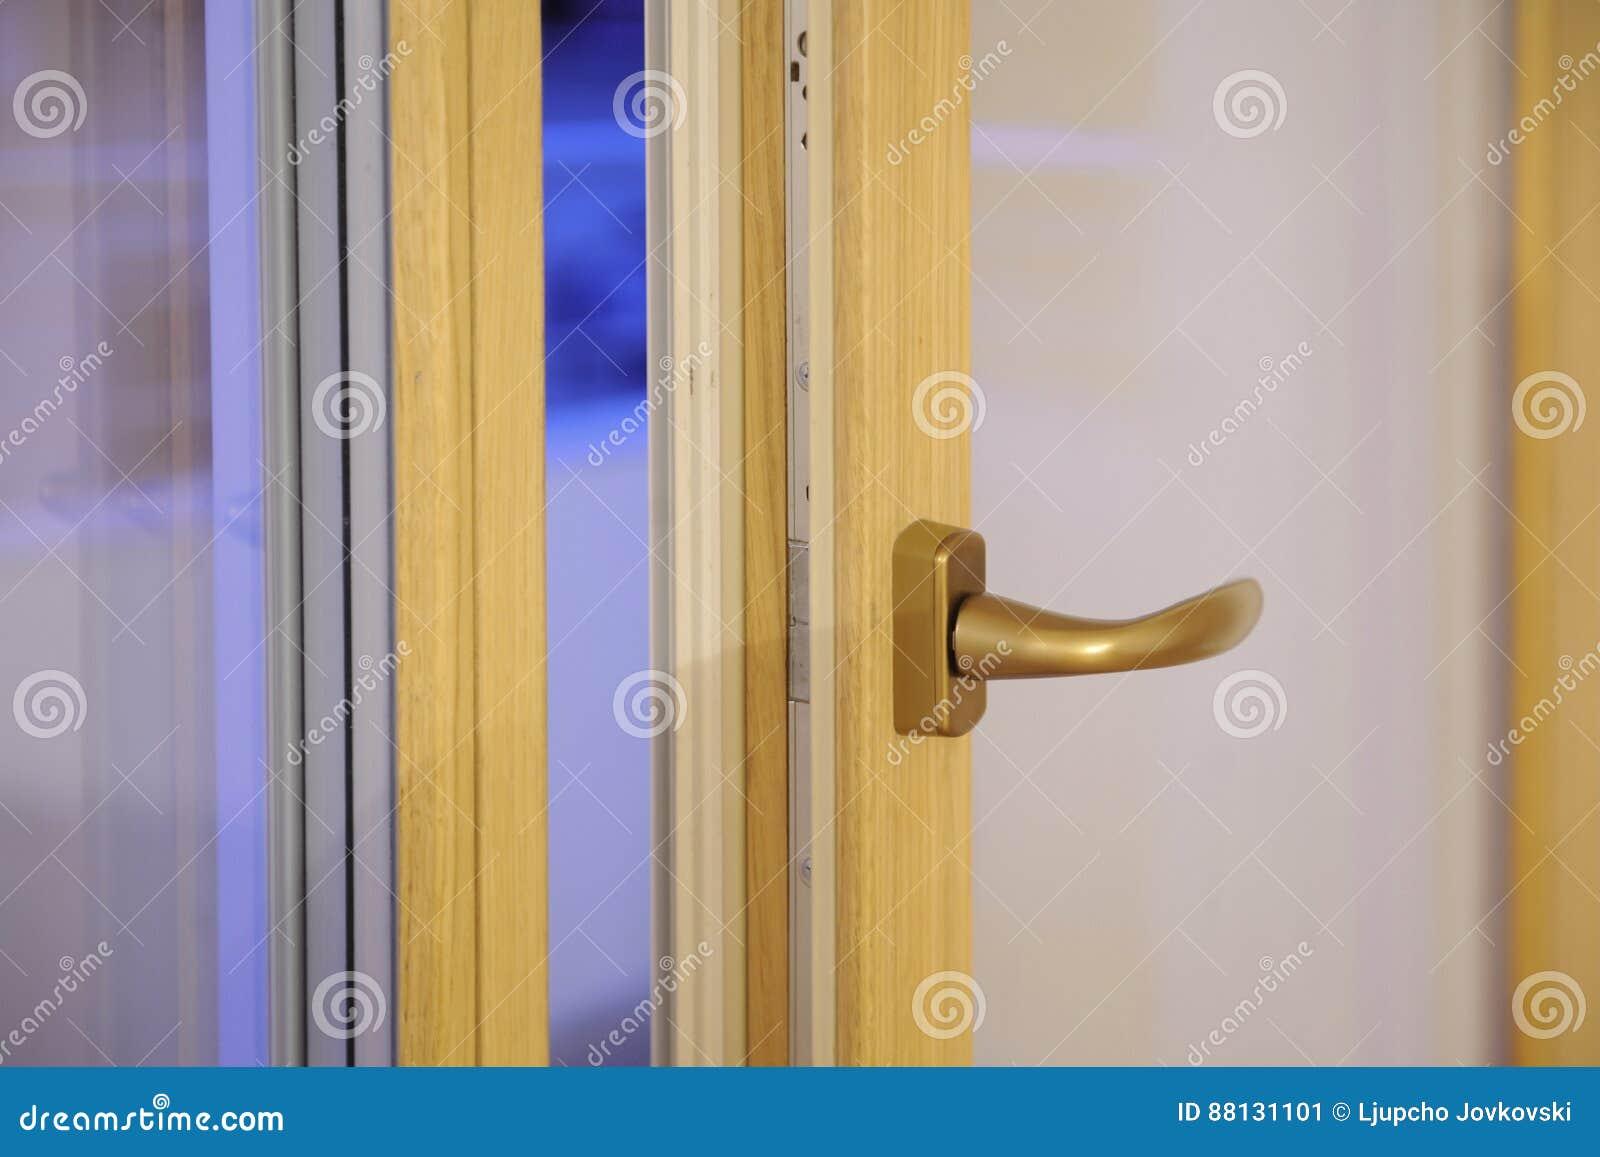 Metallgriff auf Fenster stockbild. Bild von dekor, gold - 88131101